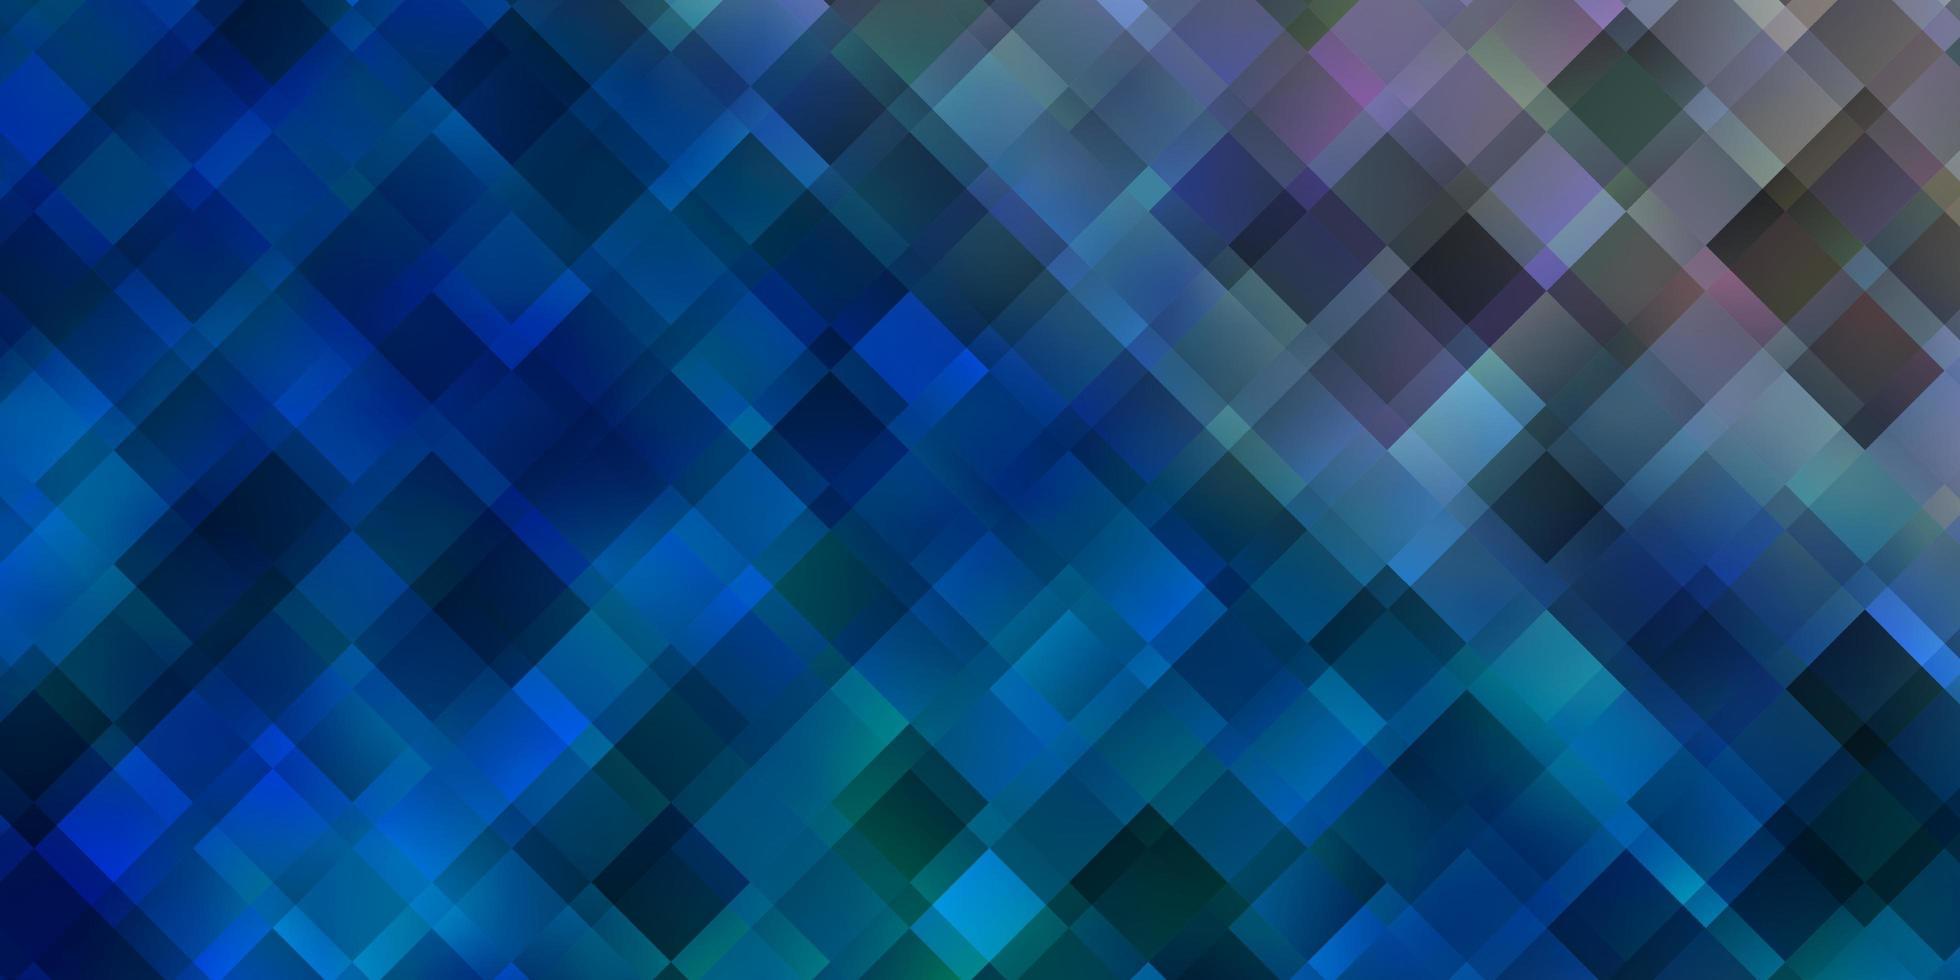 lichtblauwe lay-out met lijnen, rechthoeken. vector